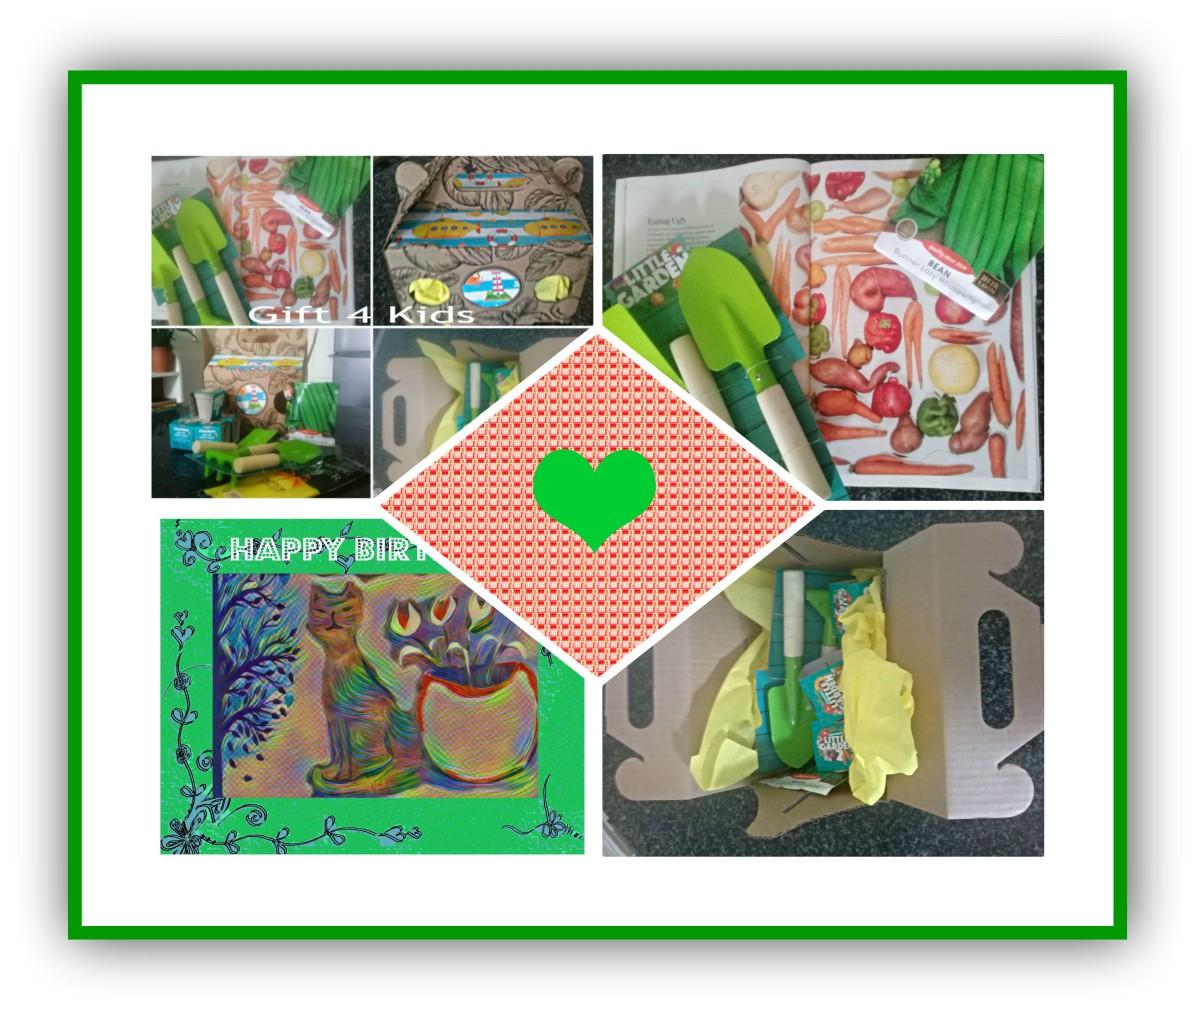 creative-garden-gift-giving-set-for-kids